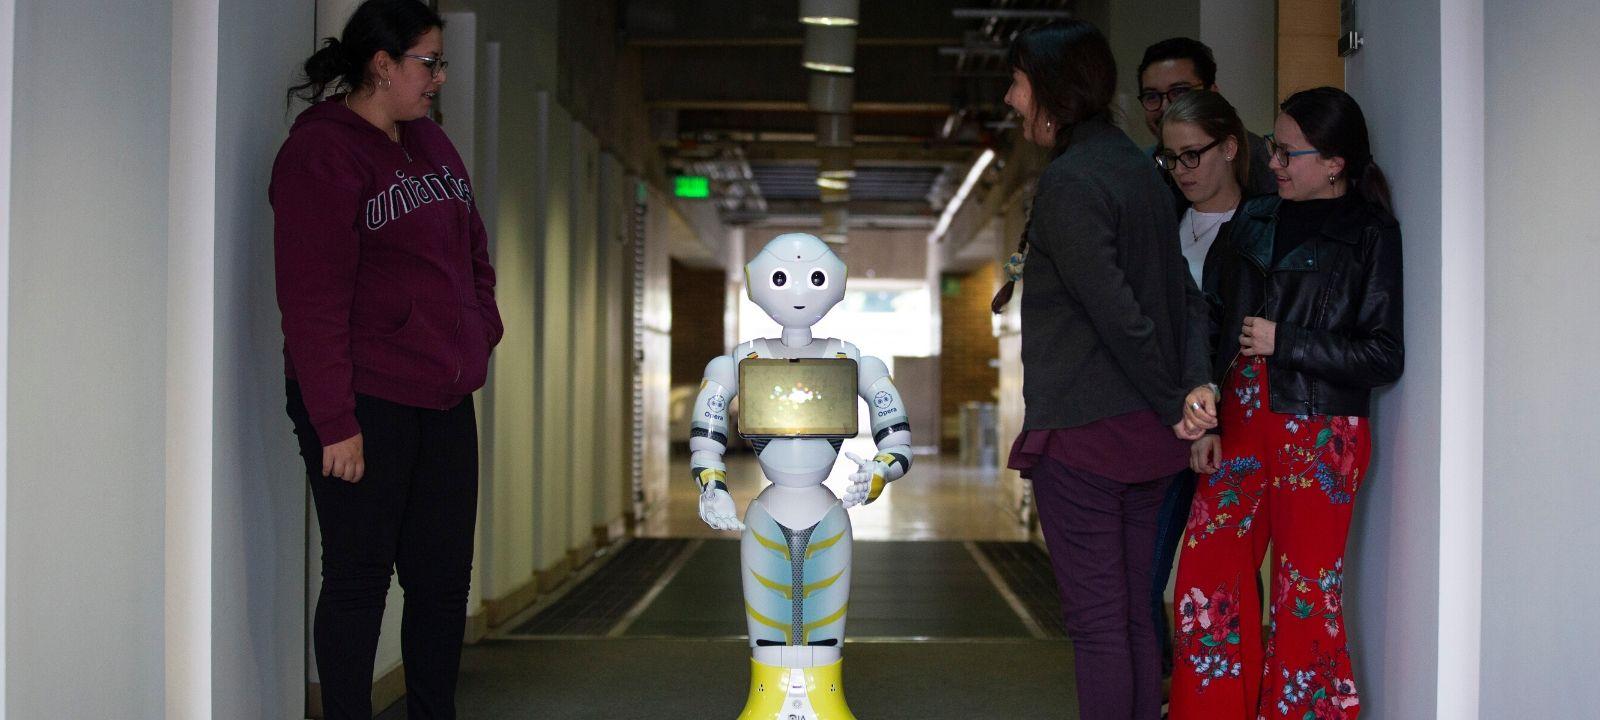 Ópera, una robot amigable